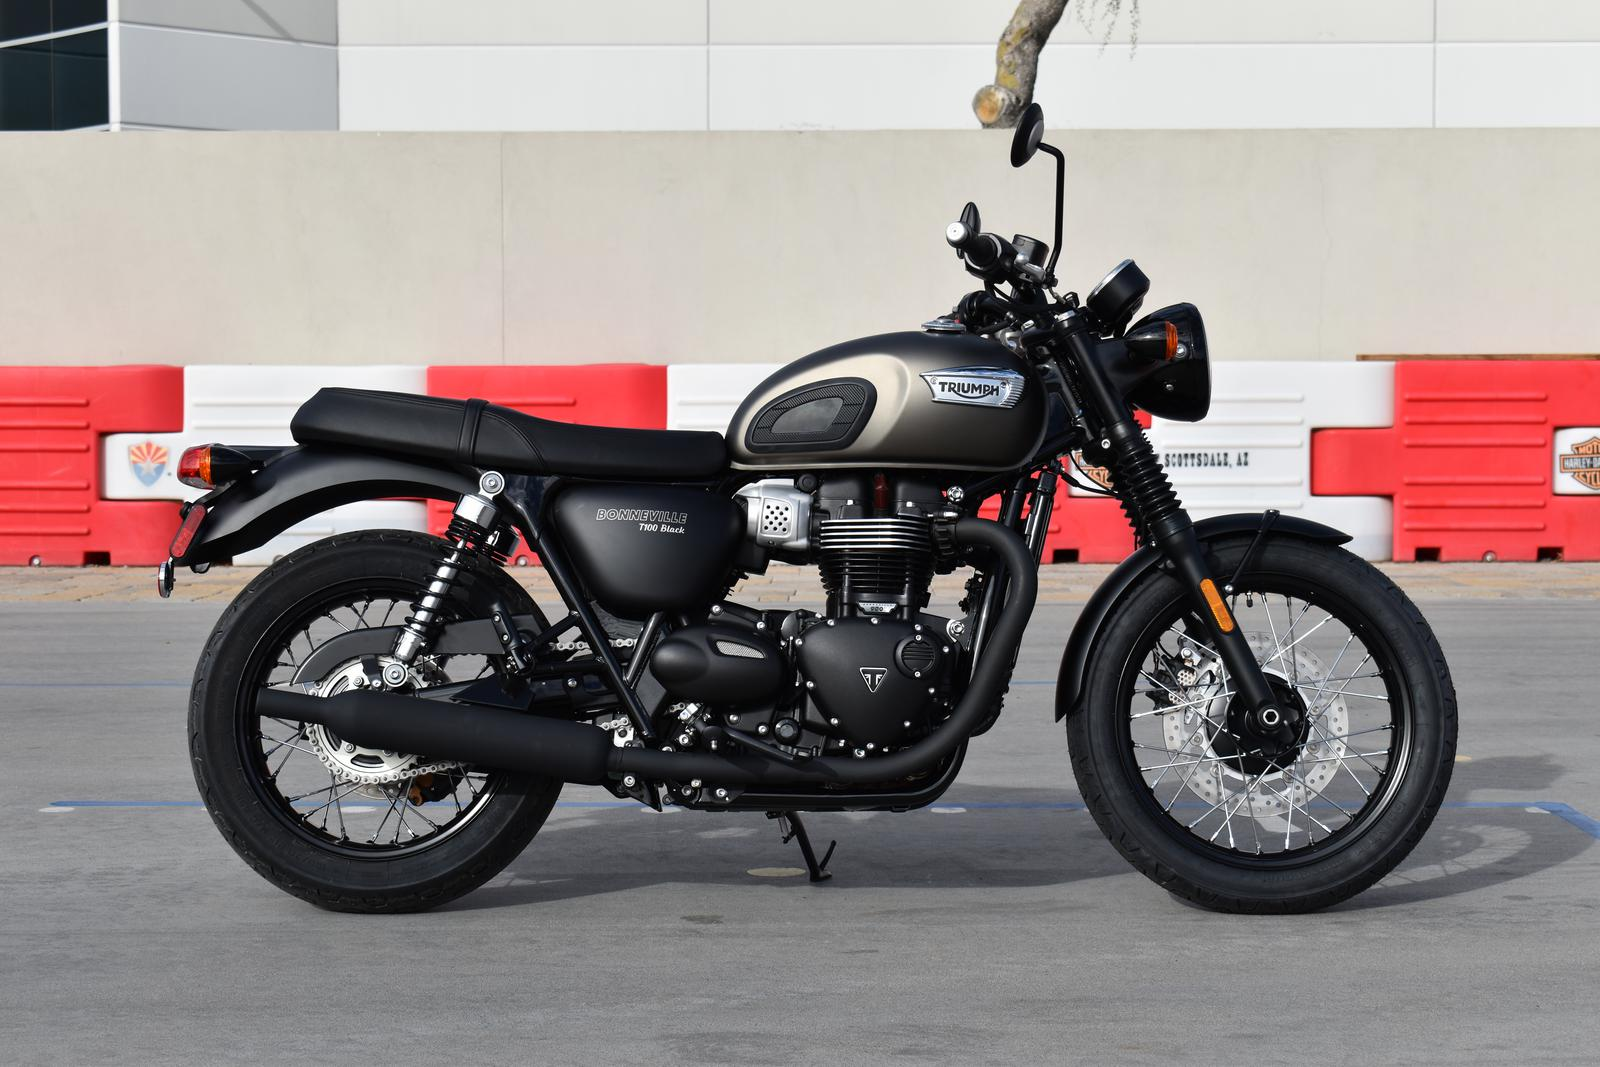 Triumph Bonneville T100 For Sale Near Me Off 55 Www Abrafiltros Org Br